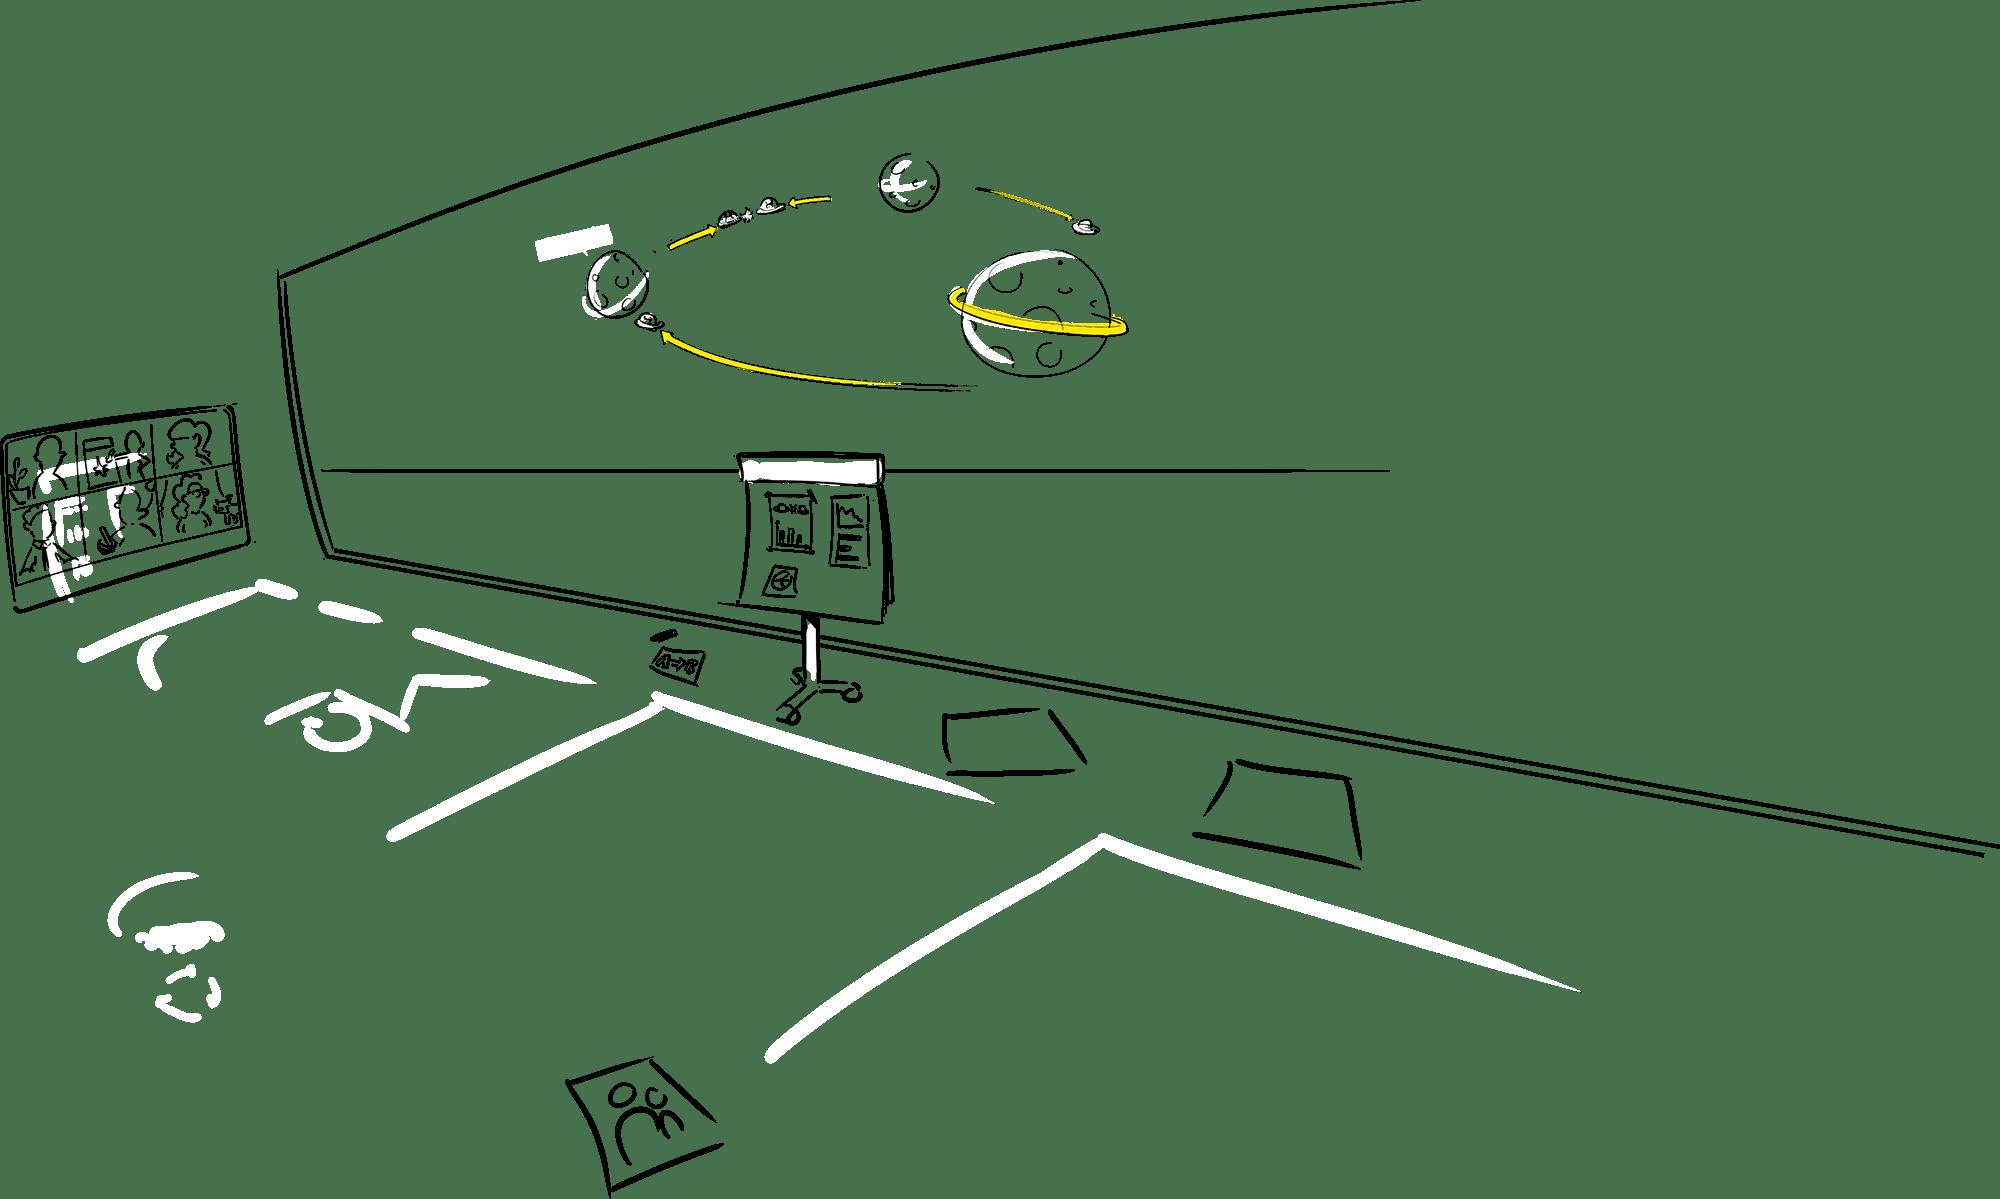 praatplaat ontwikkel proces kosten tekenaar inhuren bedrijfs proces zakelijk tekenen Den Haag visueel denken